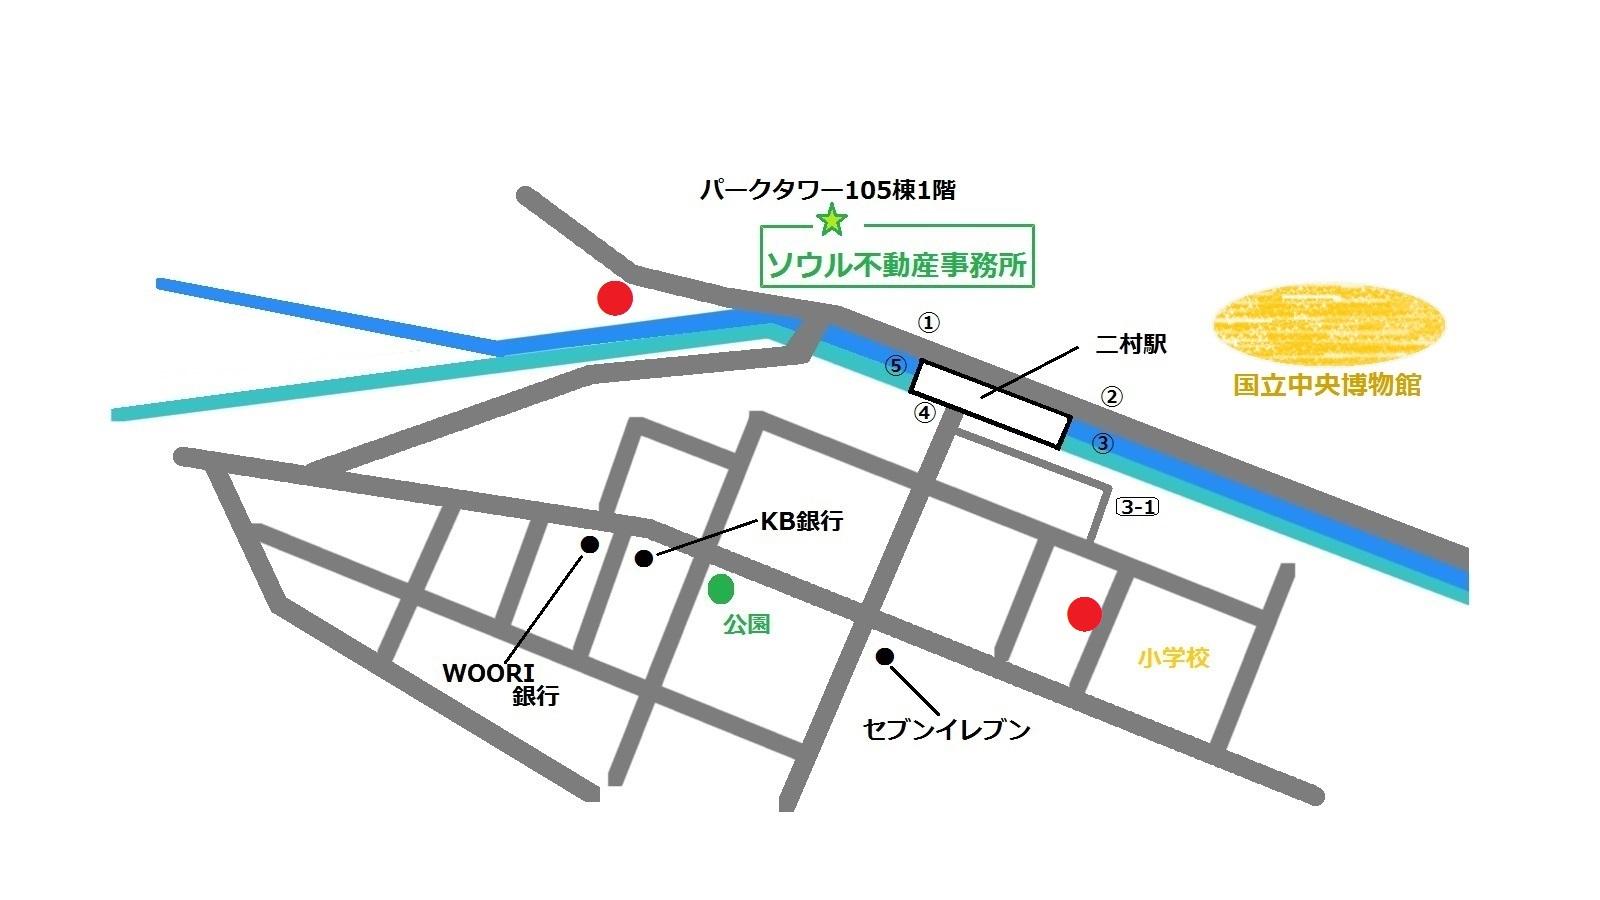 二村 クリーニング クリーントピア 地図